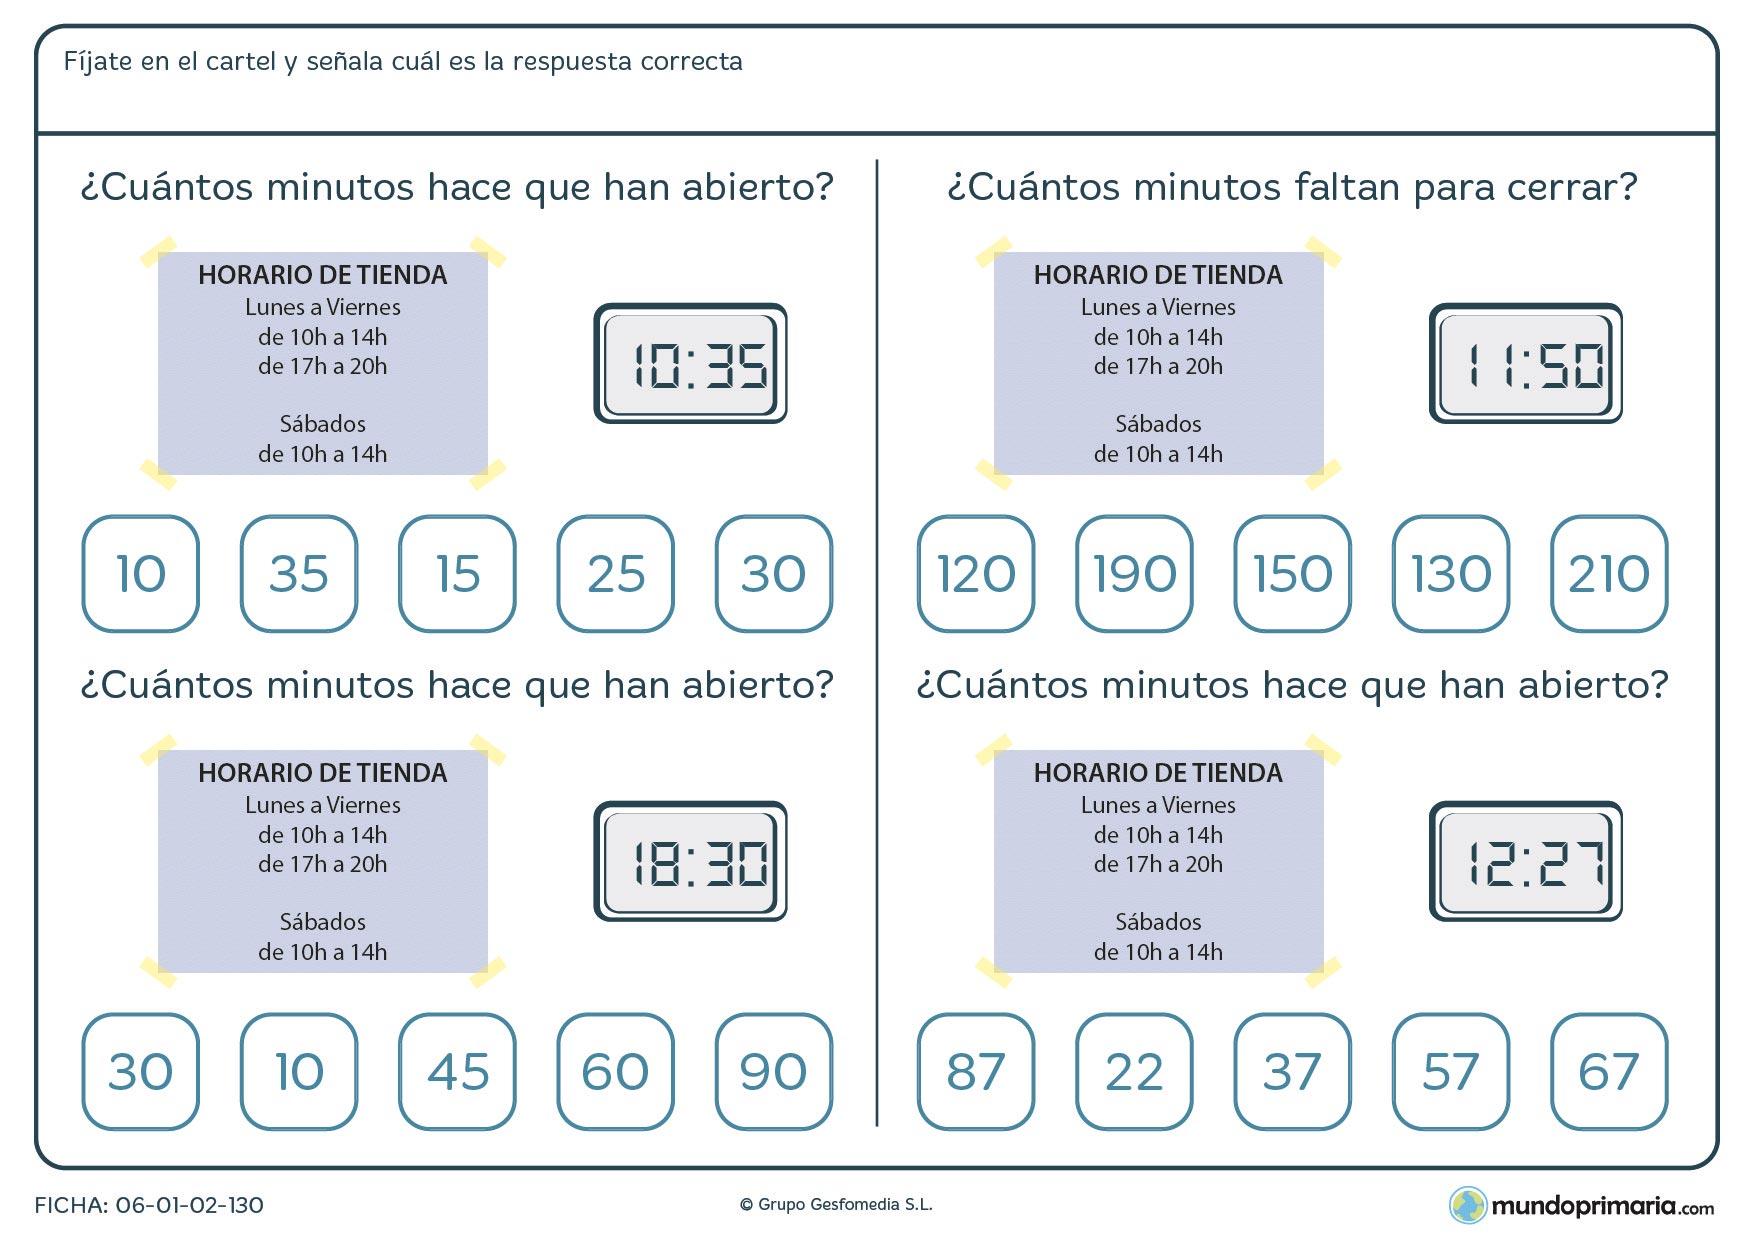 Ficha de horarios en la que se te muestra el horario de una tienda y con esos datos debes contestar correctamente a las preguntas.